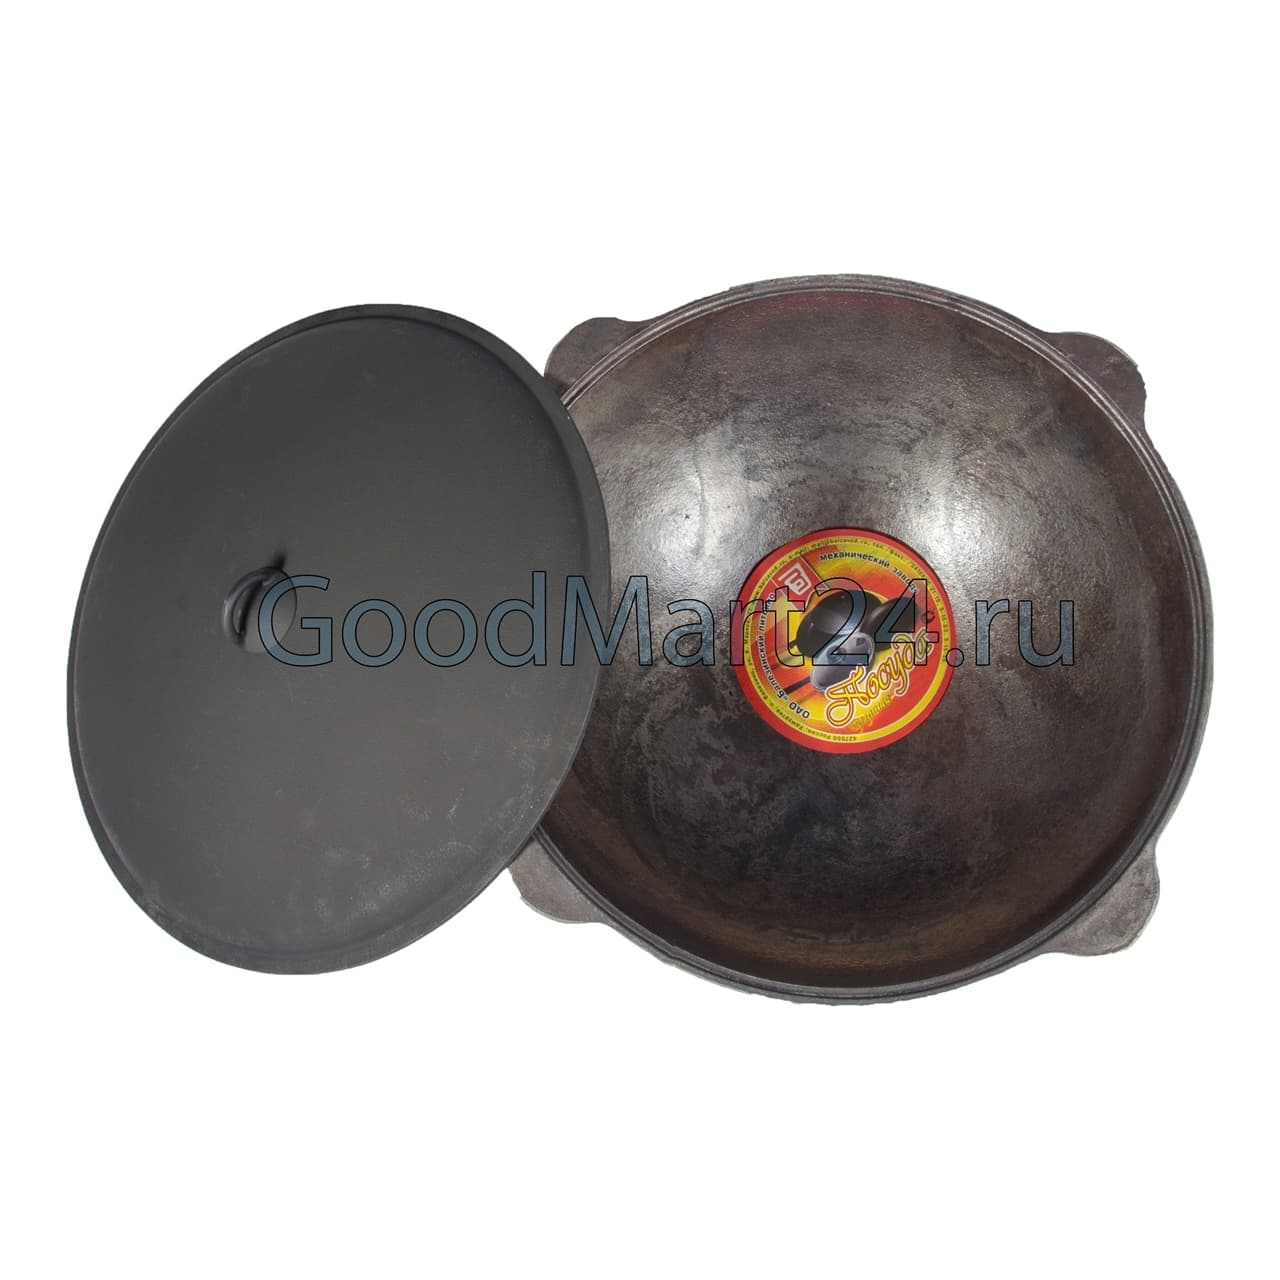 Комплект: Чугунный казан 10 л. Балезинский ЛМЗ + Печь D-360 мм s-2 мм. - фото 5533